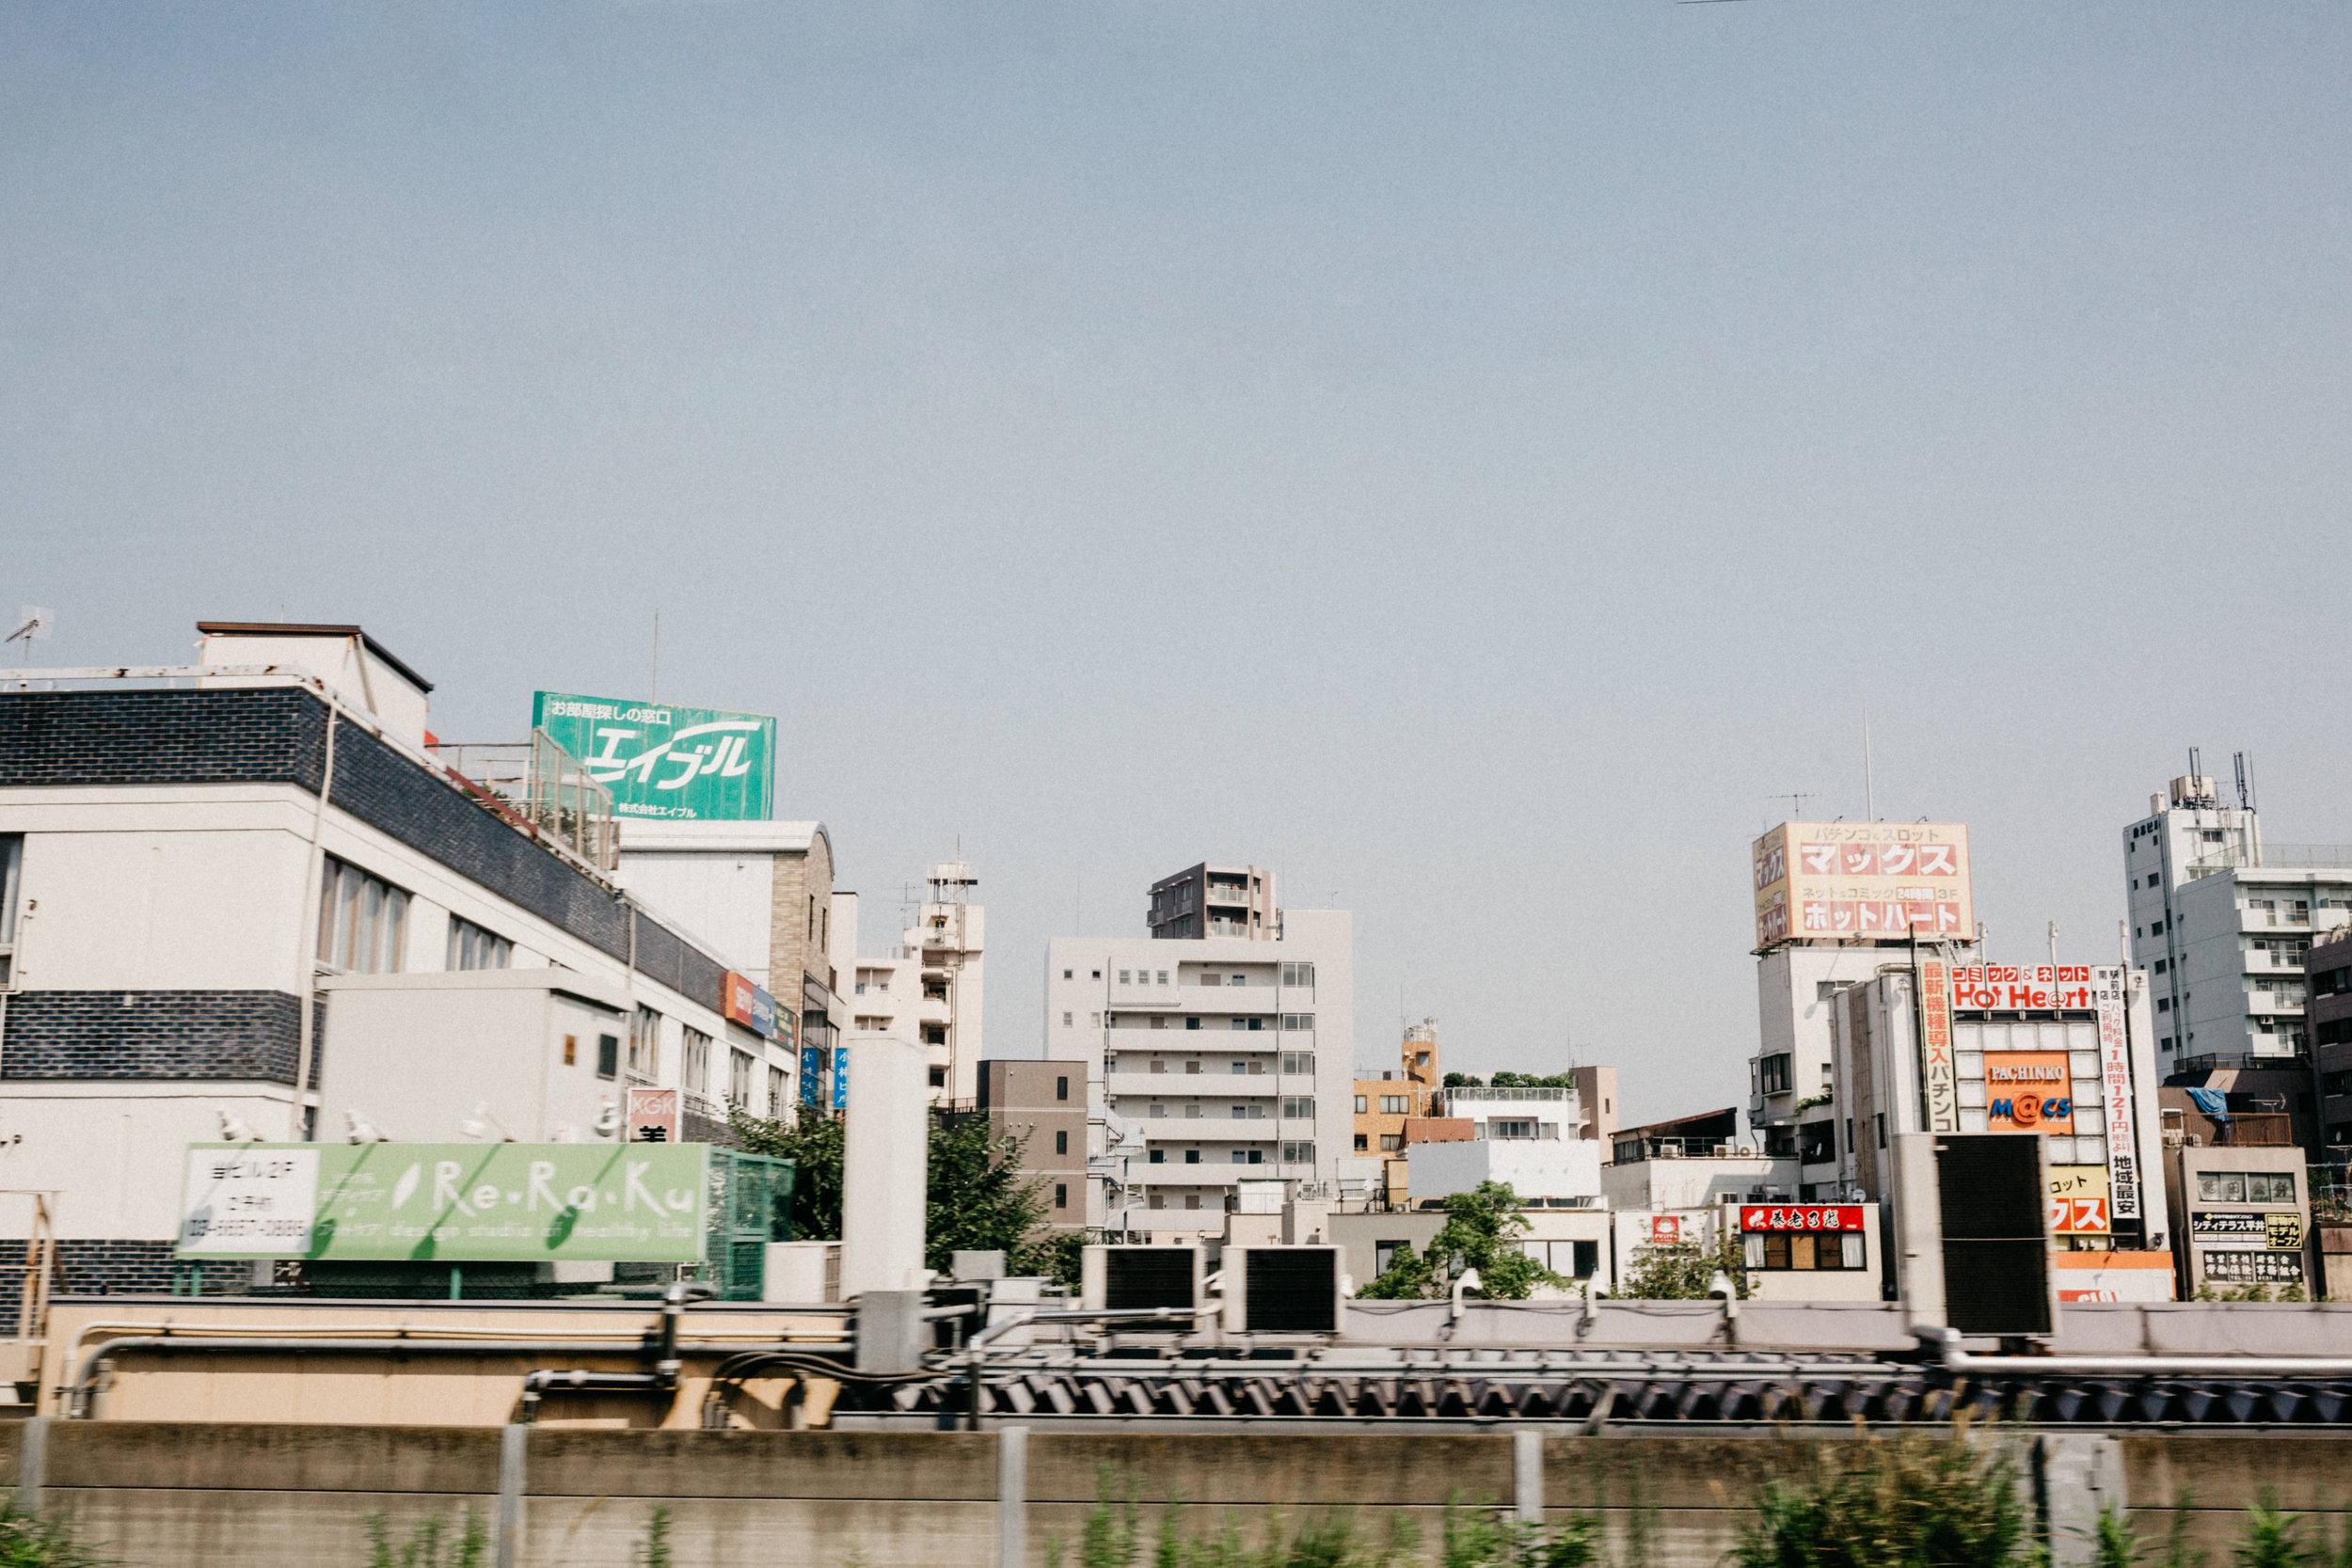 View from Narita Express rail entering Tokyo